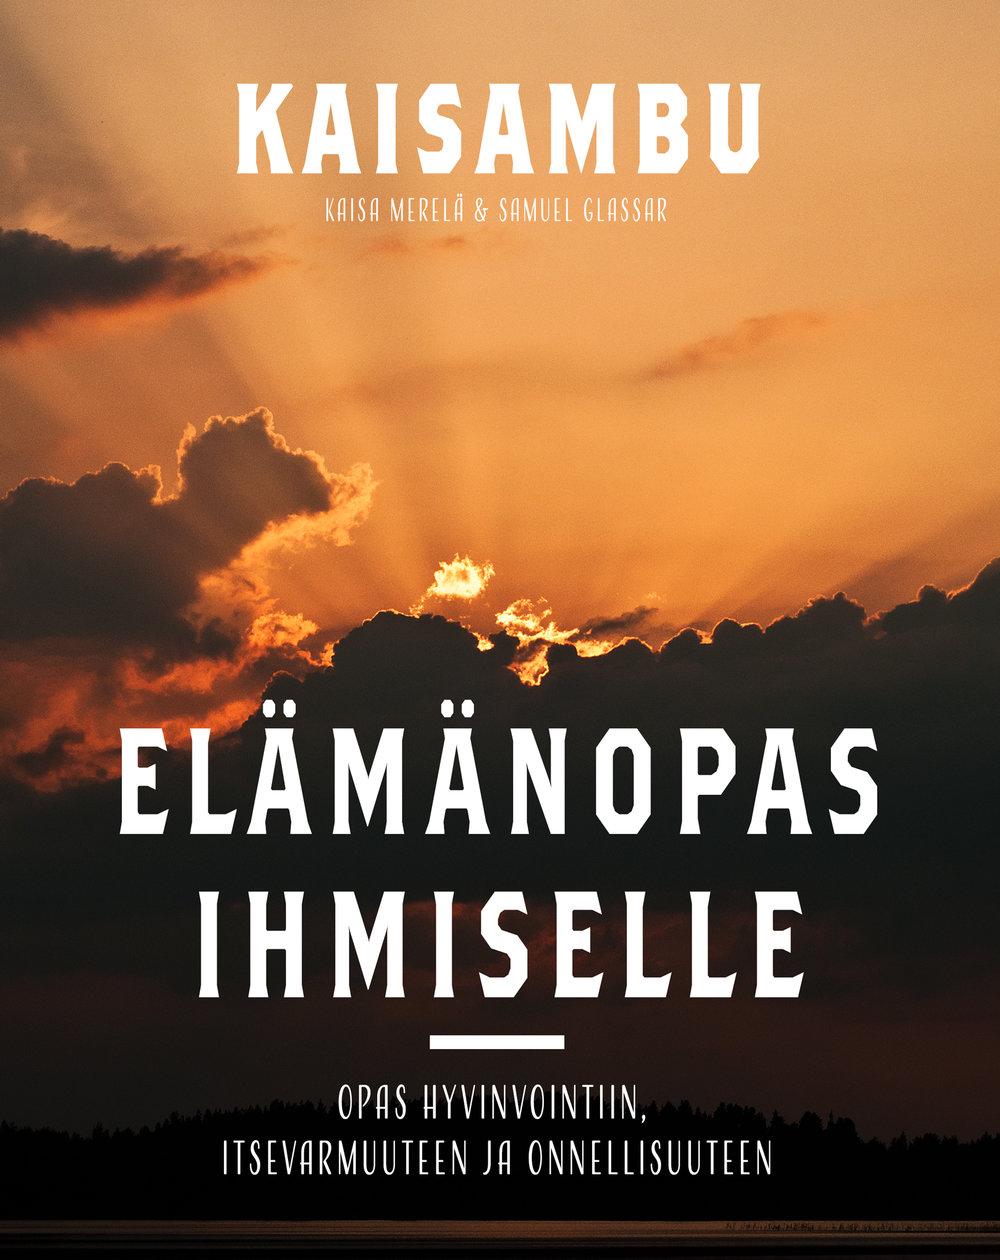 kaisambu